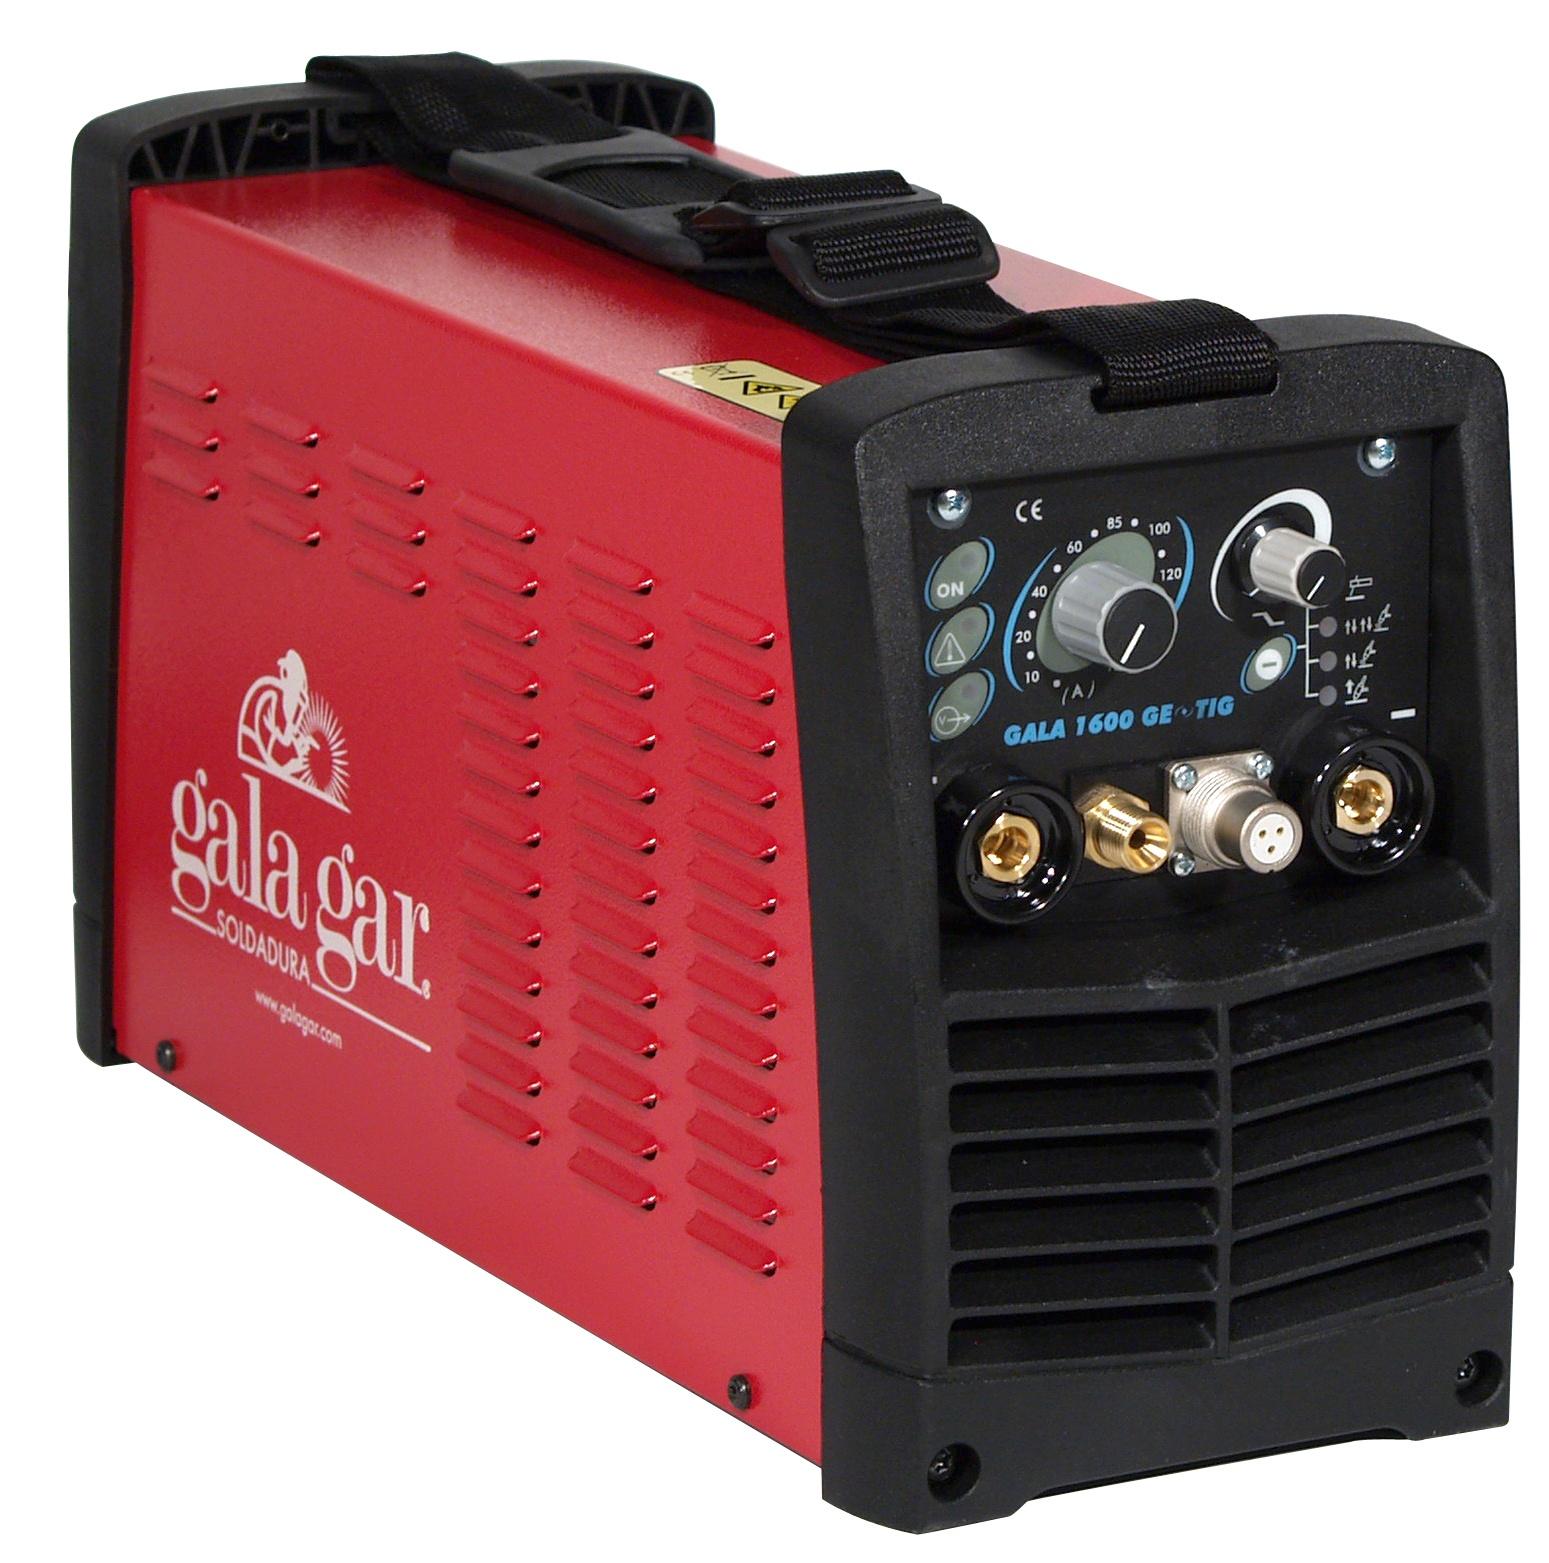 Galagar gala 1600 g e tig soldadura electrica inverter - Equipo soldadura electrica ...